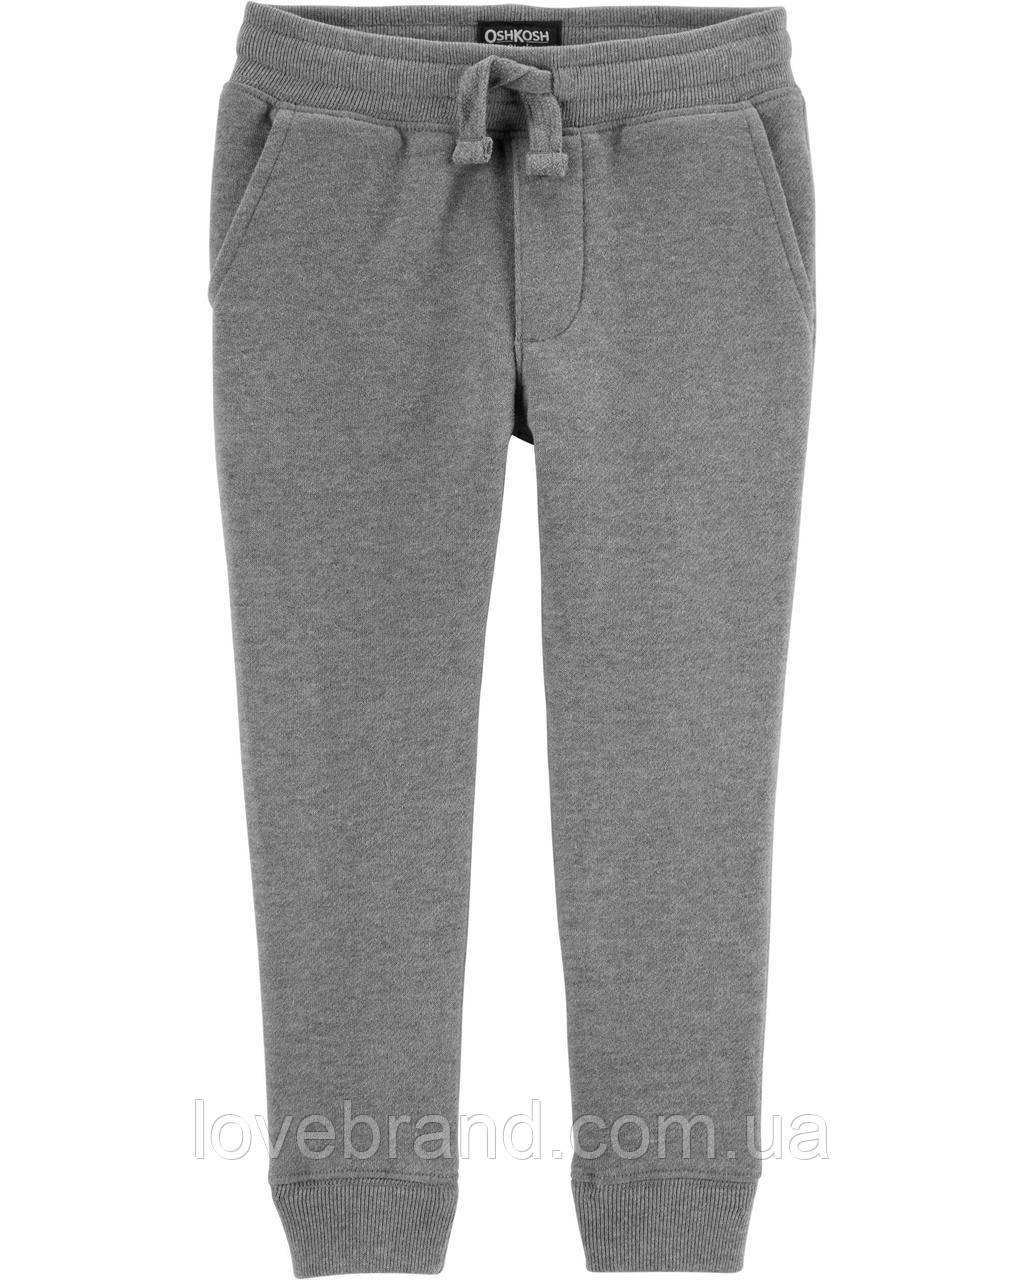 Теплые спортивные штаны для мальчика OshKosh, джоггеры на флисе